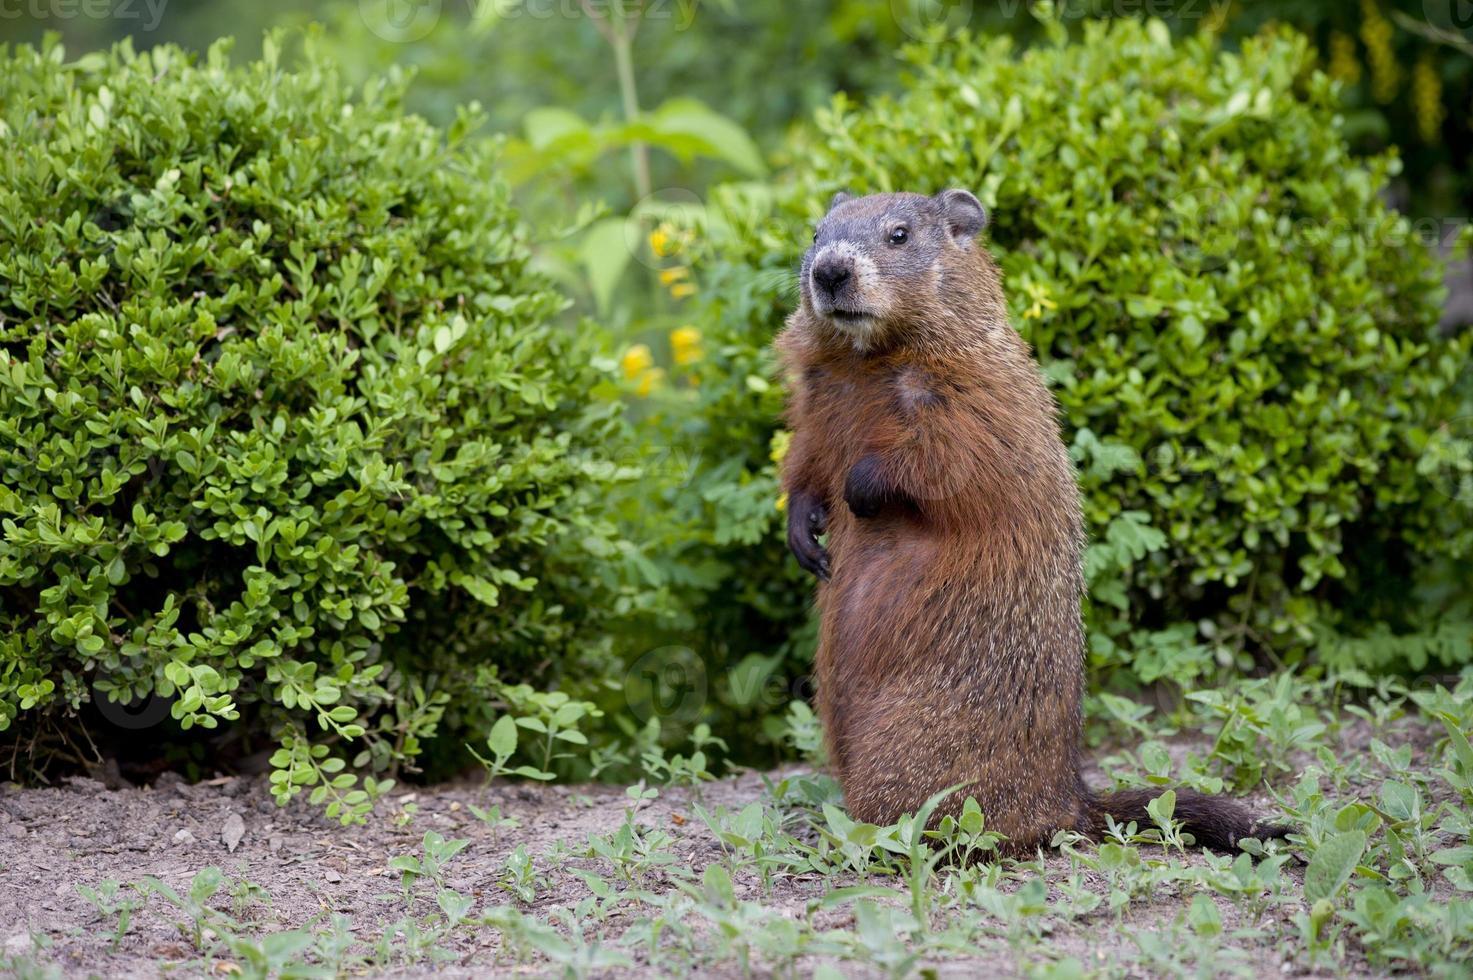 cachorro de marmota joven, también conocido como marmota foto